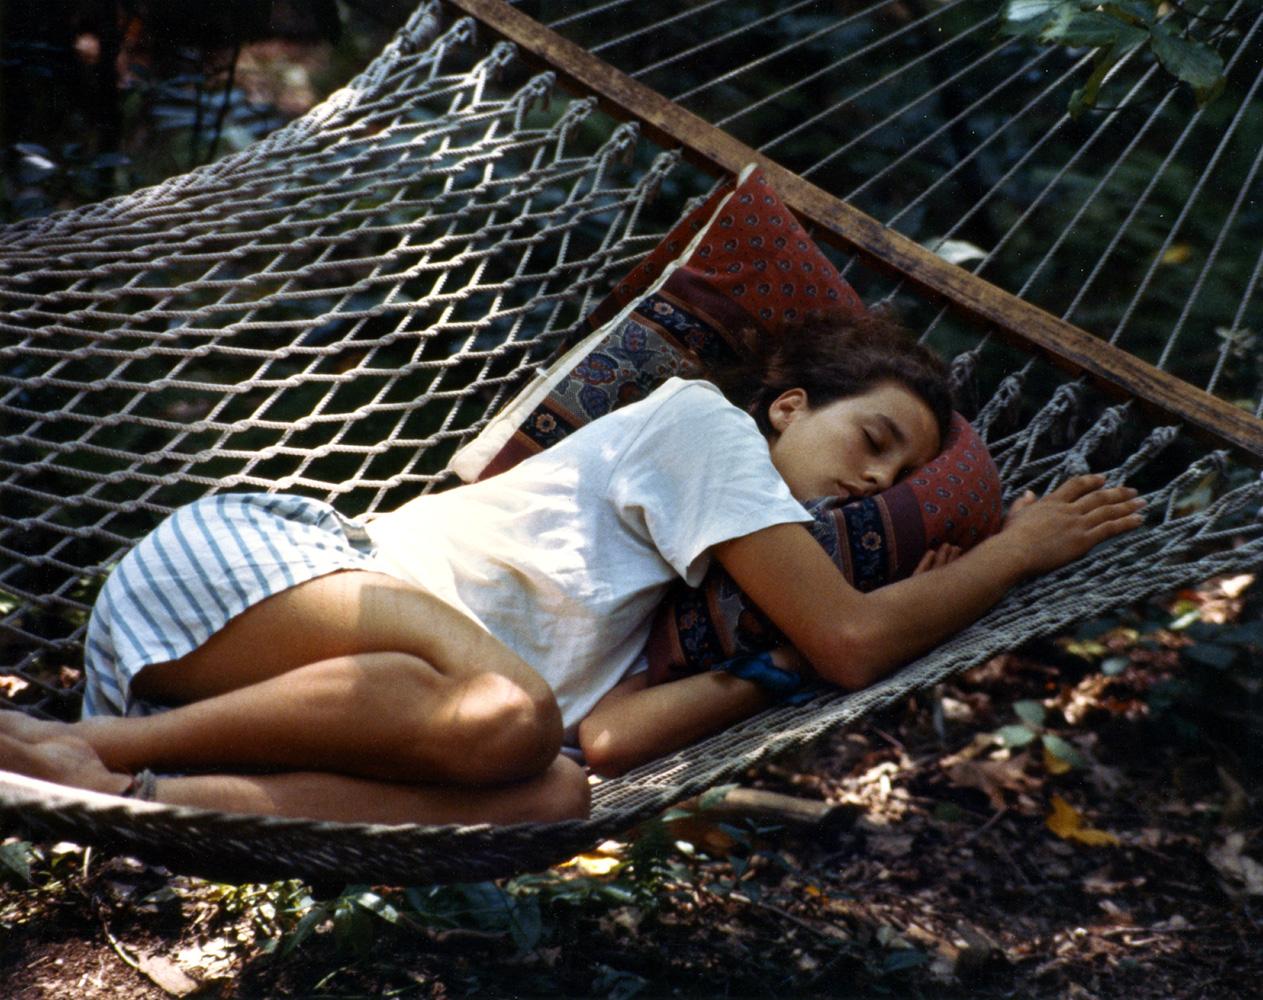 Рассматриваем спящих девушек 1 фотография